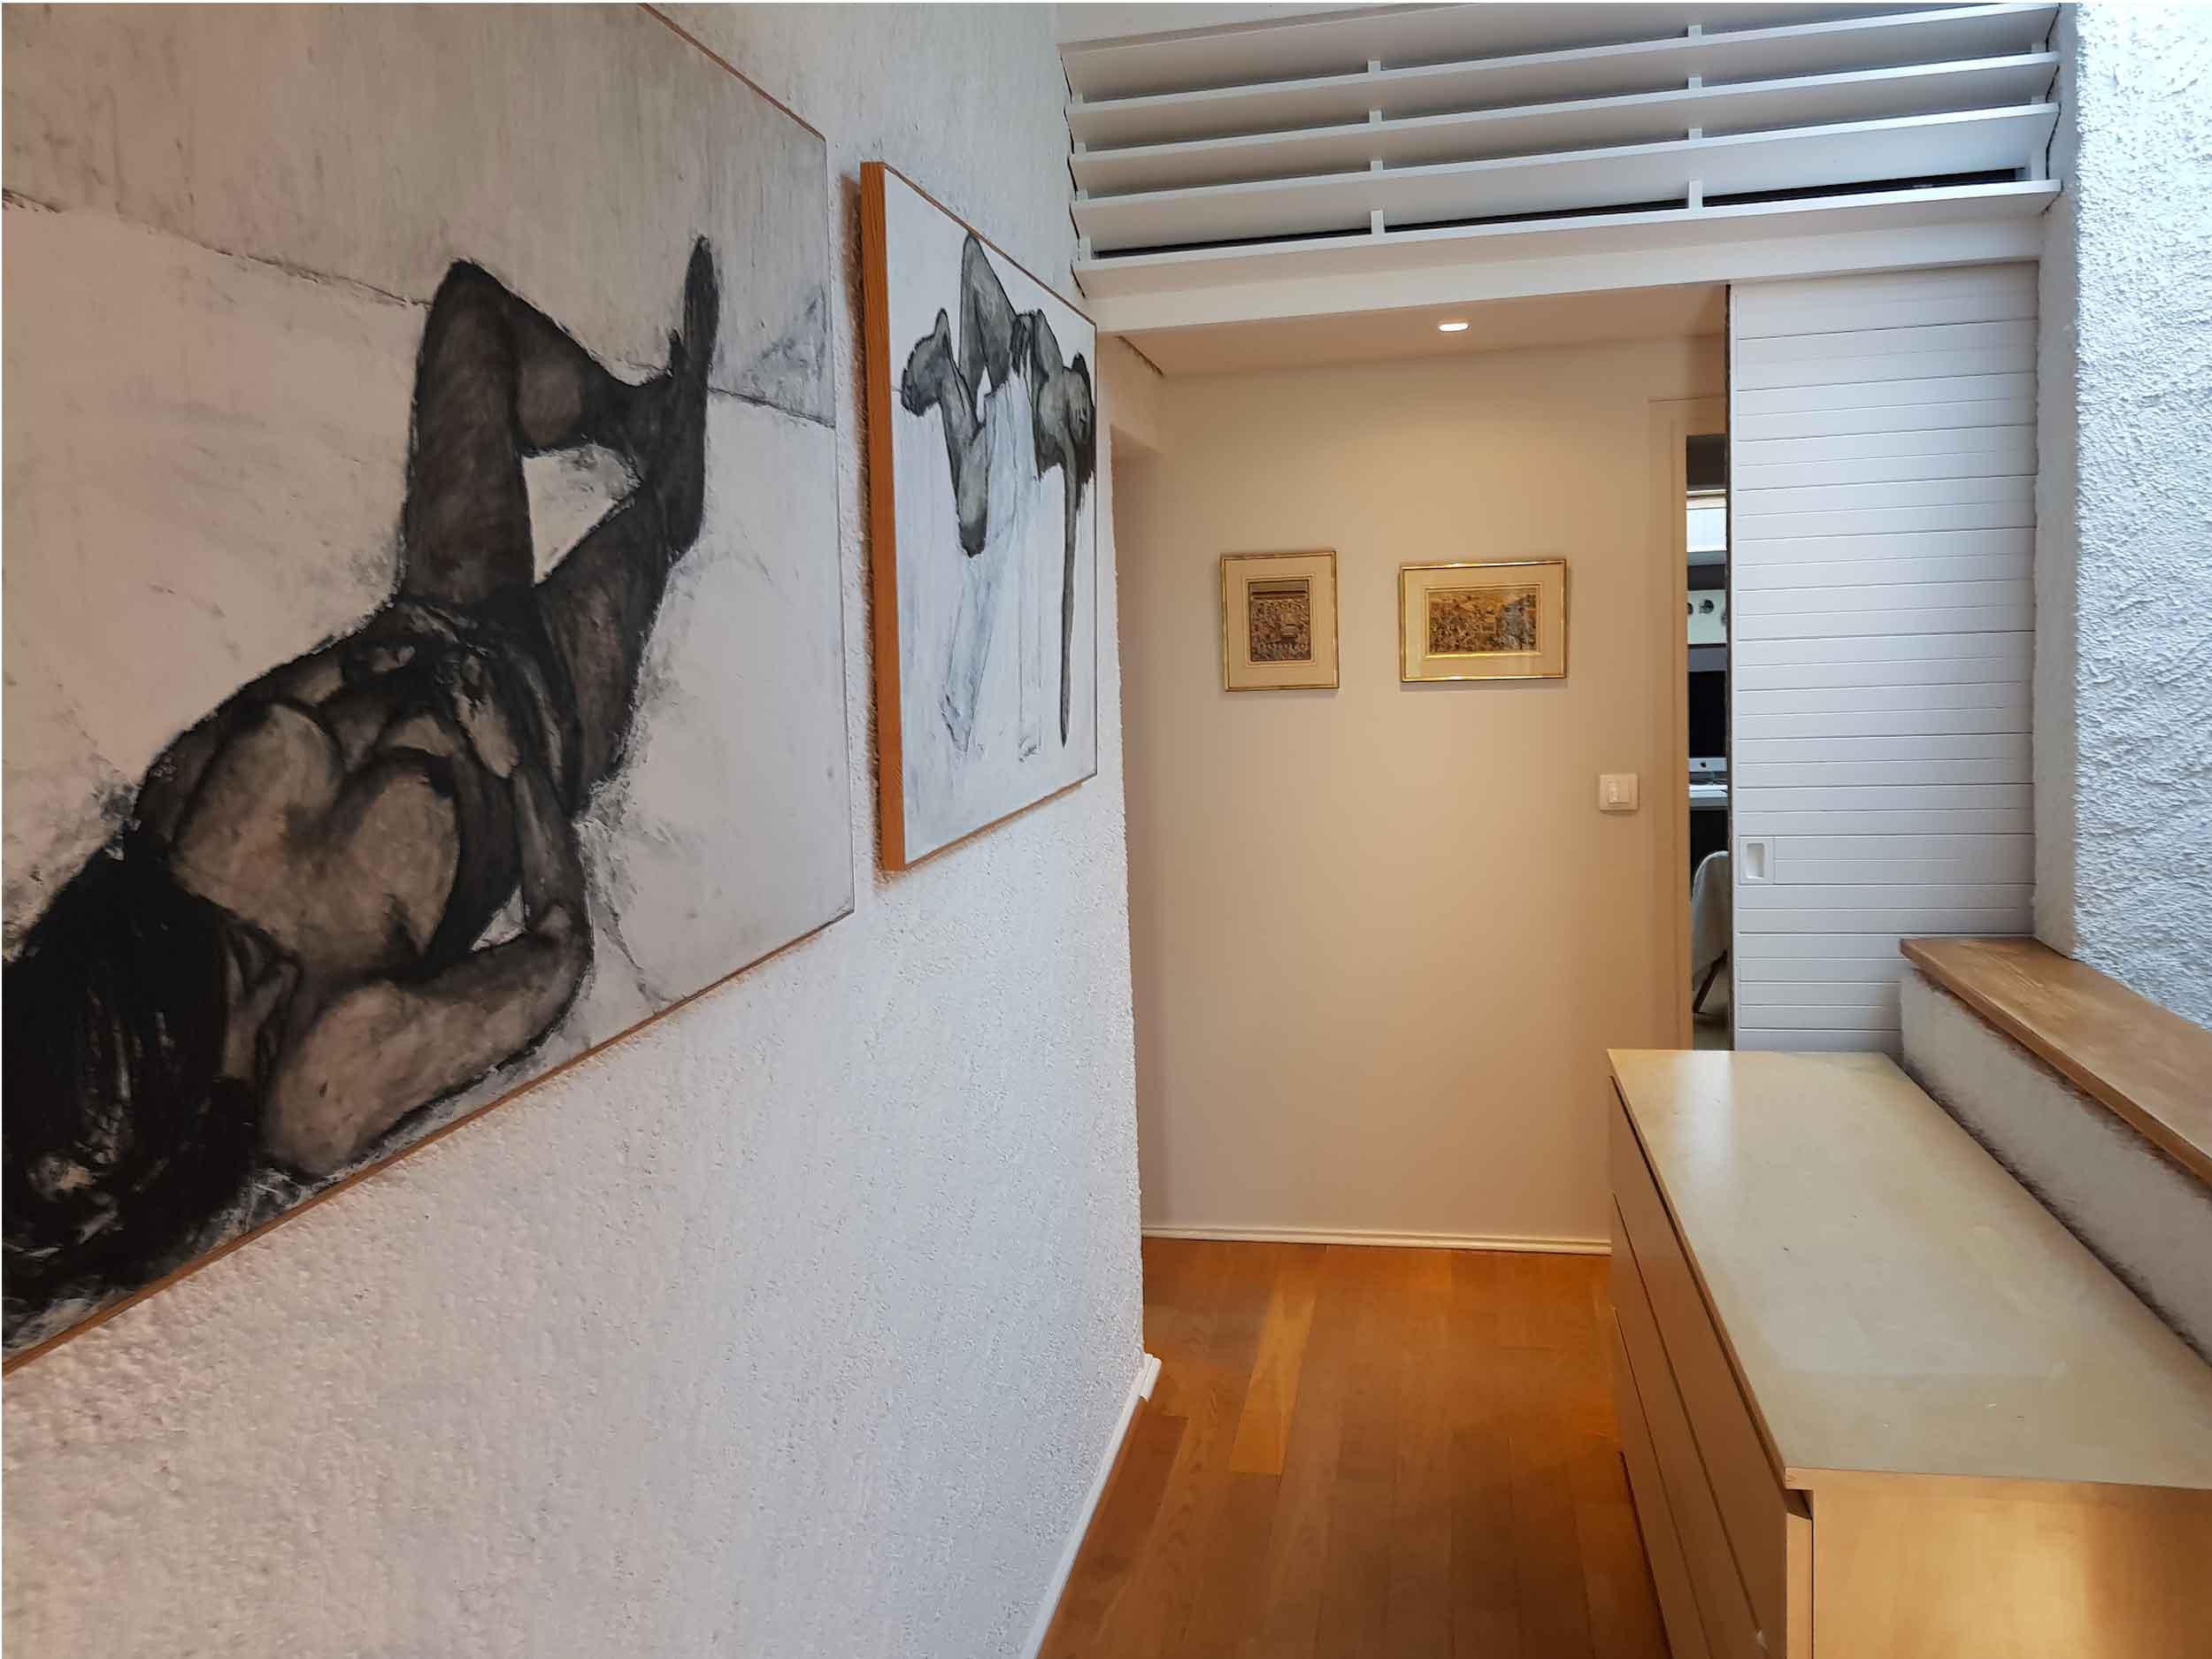 Rénovation d'une maison par un artisan peintre à Lyon